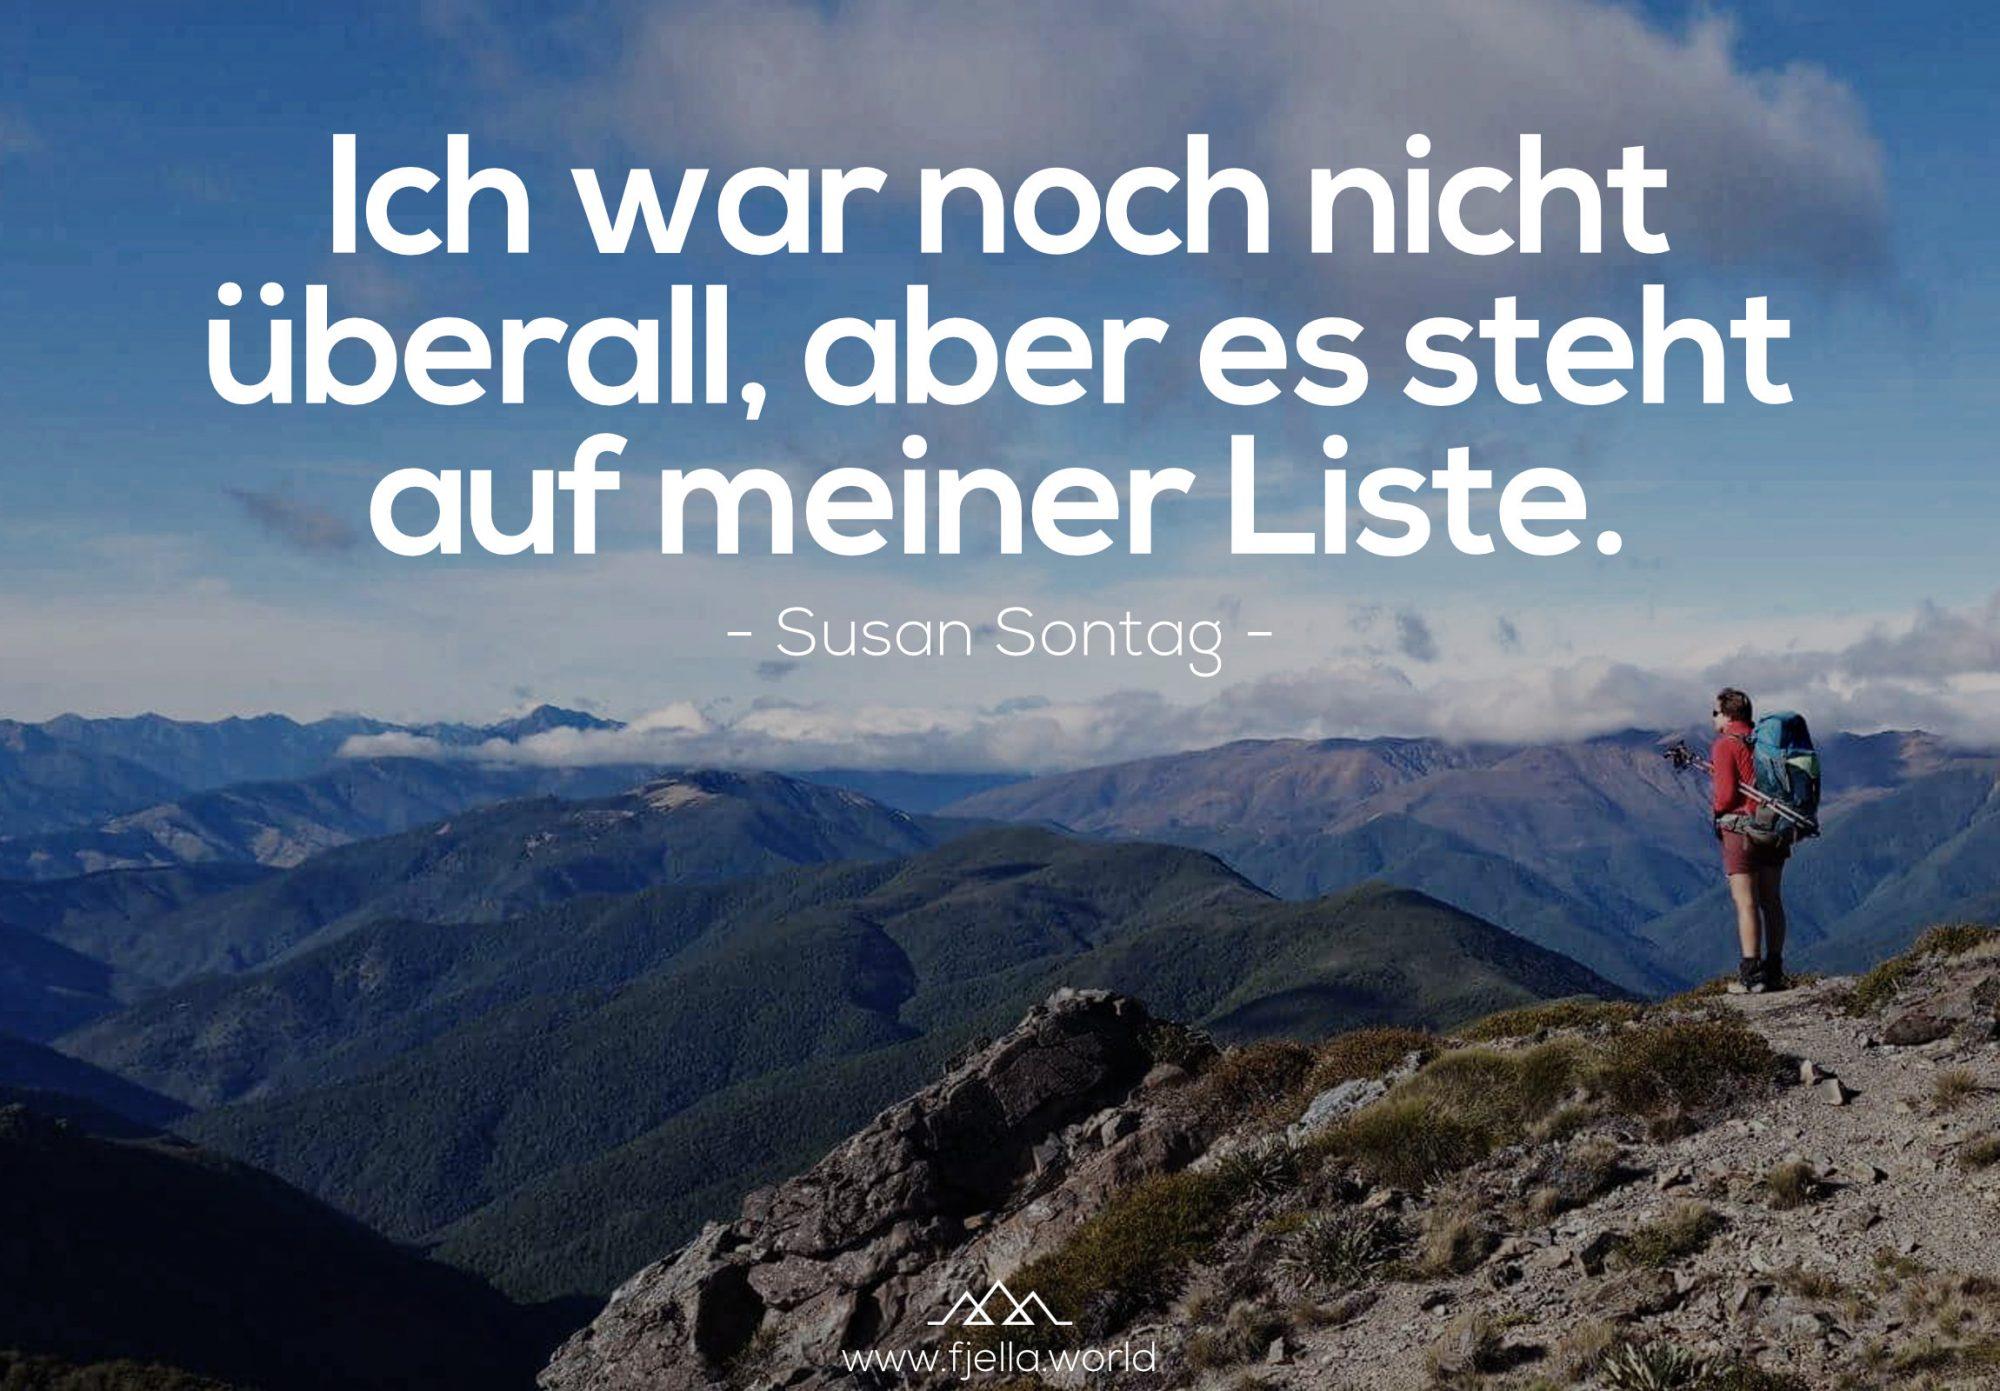 Ich war noch nicht überall, aber es steht auf meiner Liste. Susan Sontag, Bergspruch, Wanderzitat, Inspiration, Motivation, Zitat, Spruch, Reisezitate, Motivation